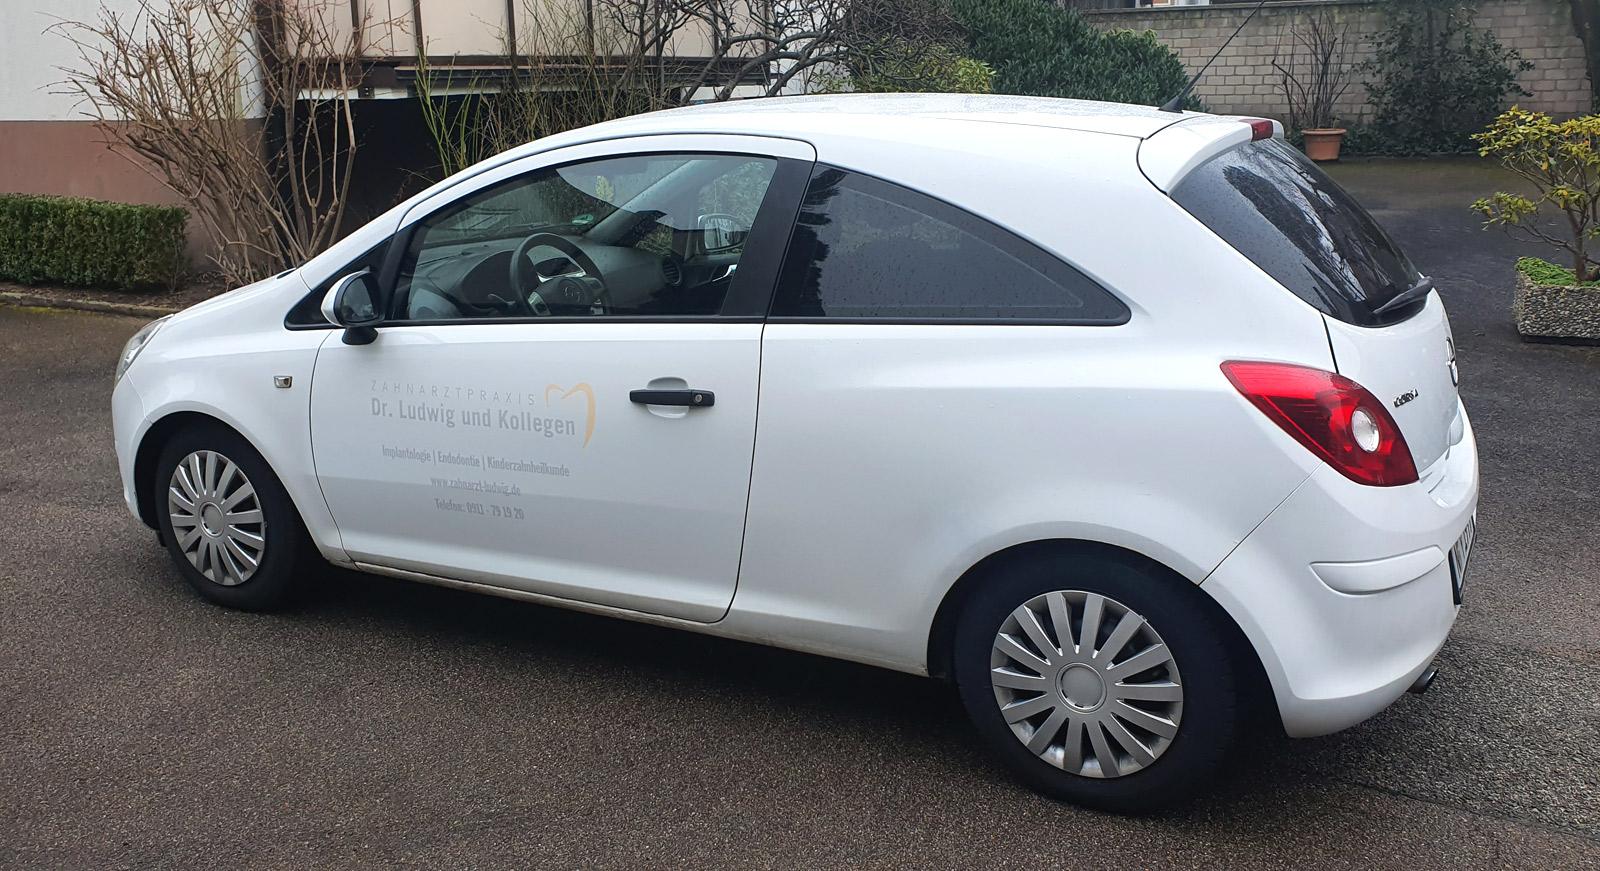 Weißer Opel Corsa mit dezenter Beklebung an der Seite von Zahnarzt Ludwig